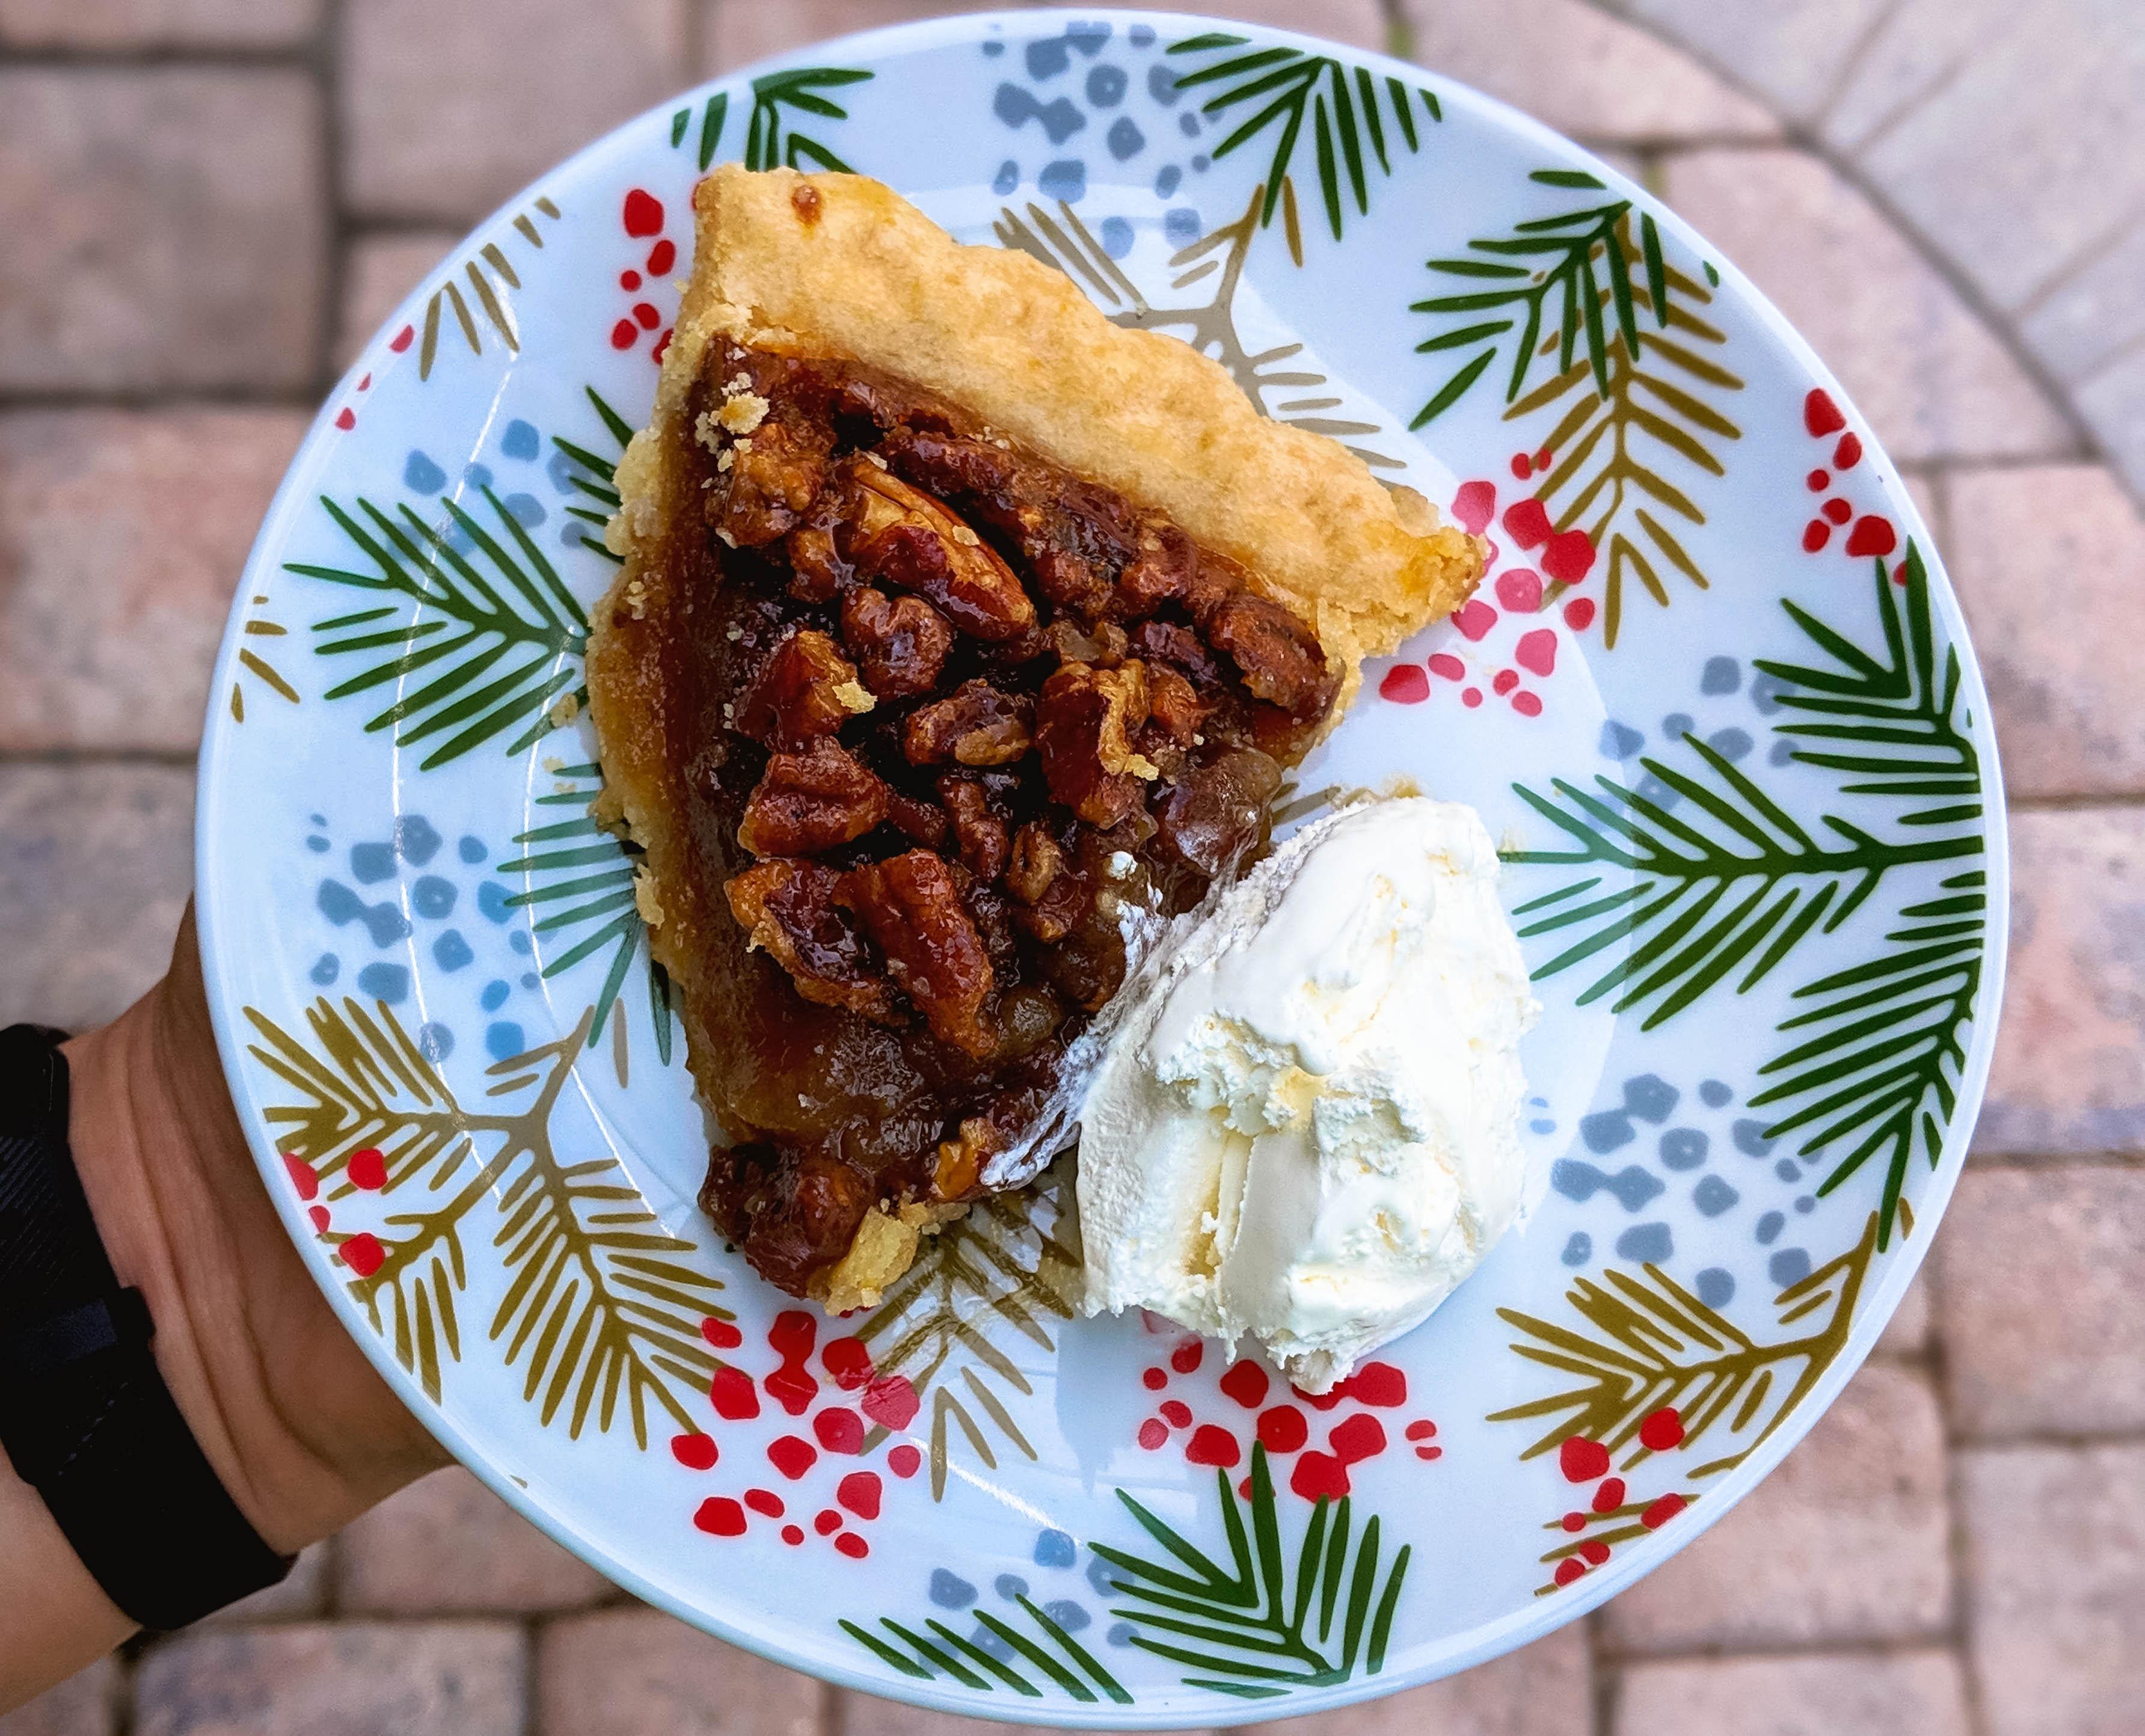 Yoder's Pecan Pie Sarasota Florida